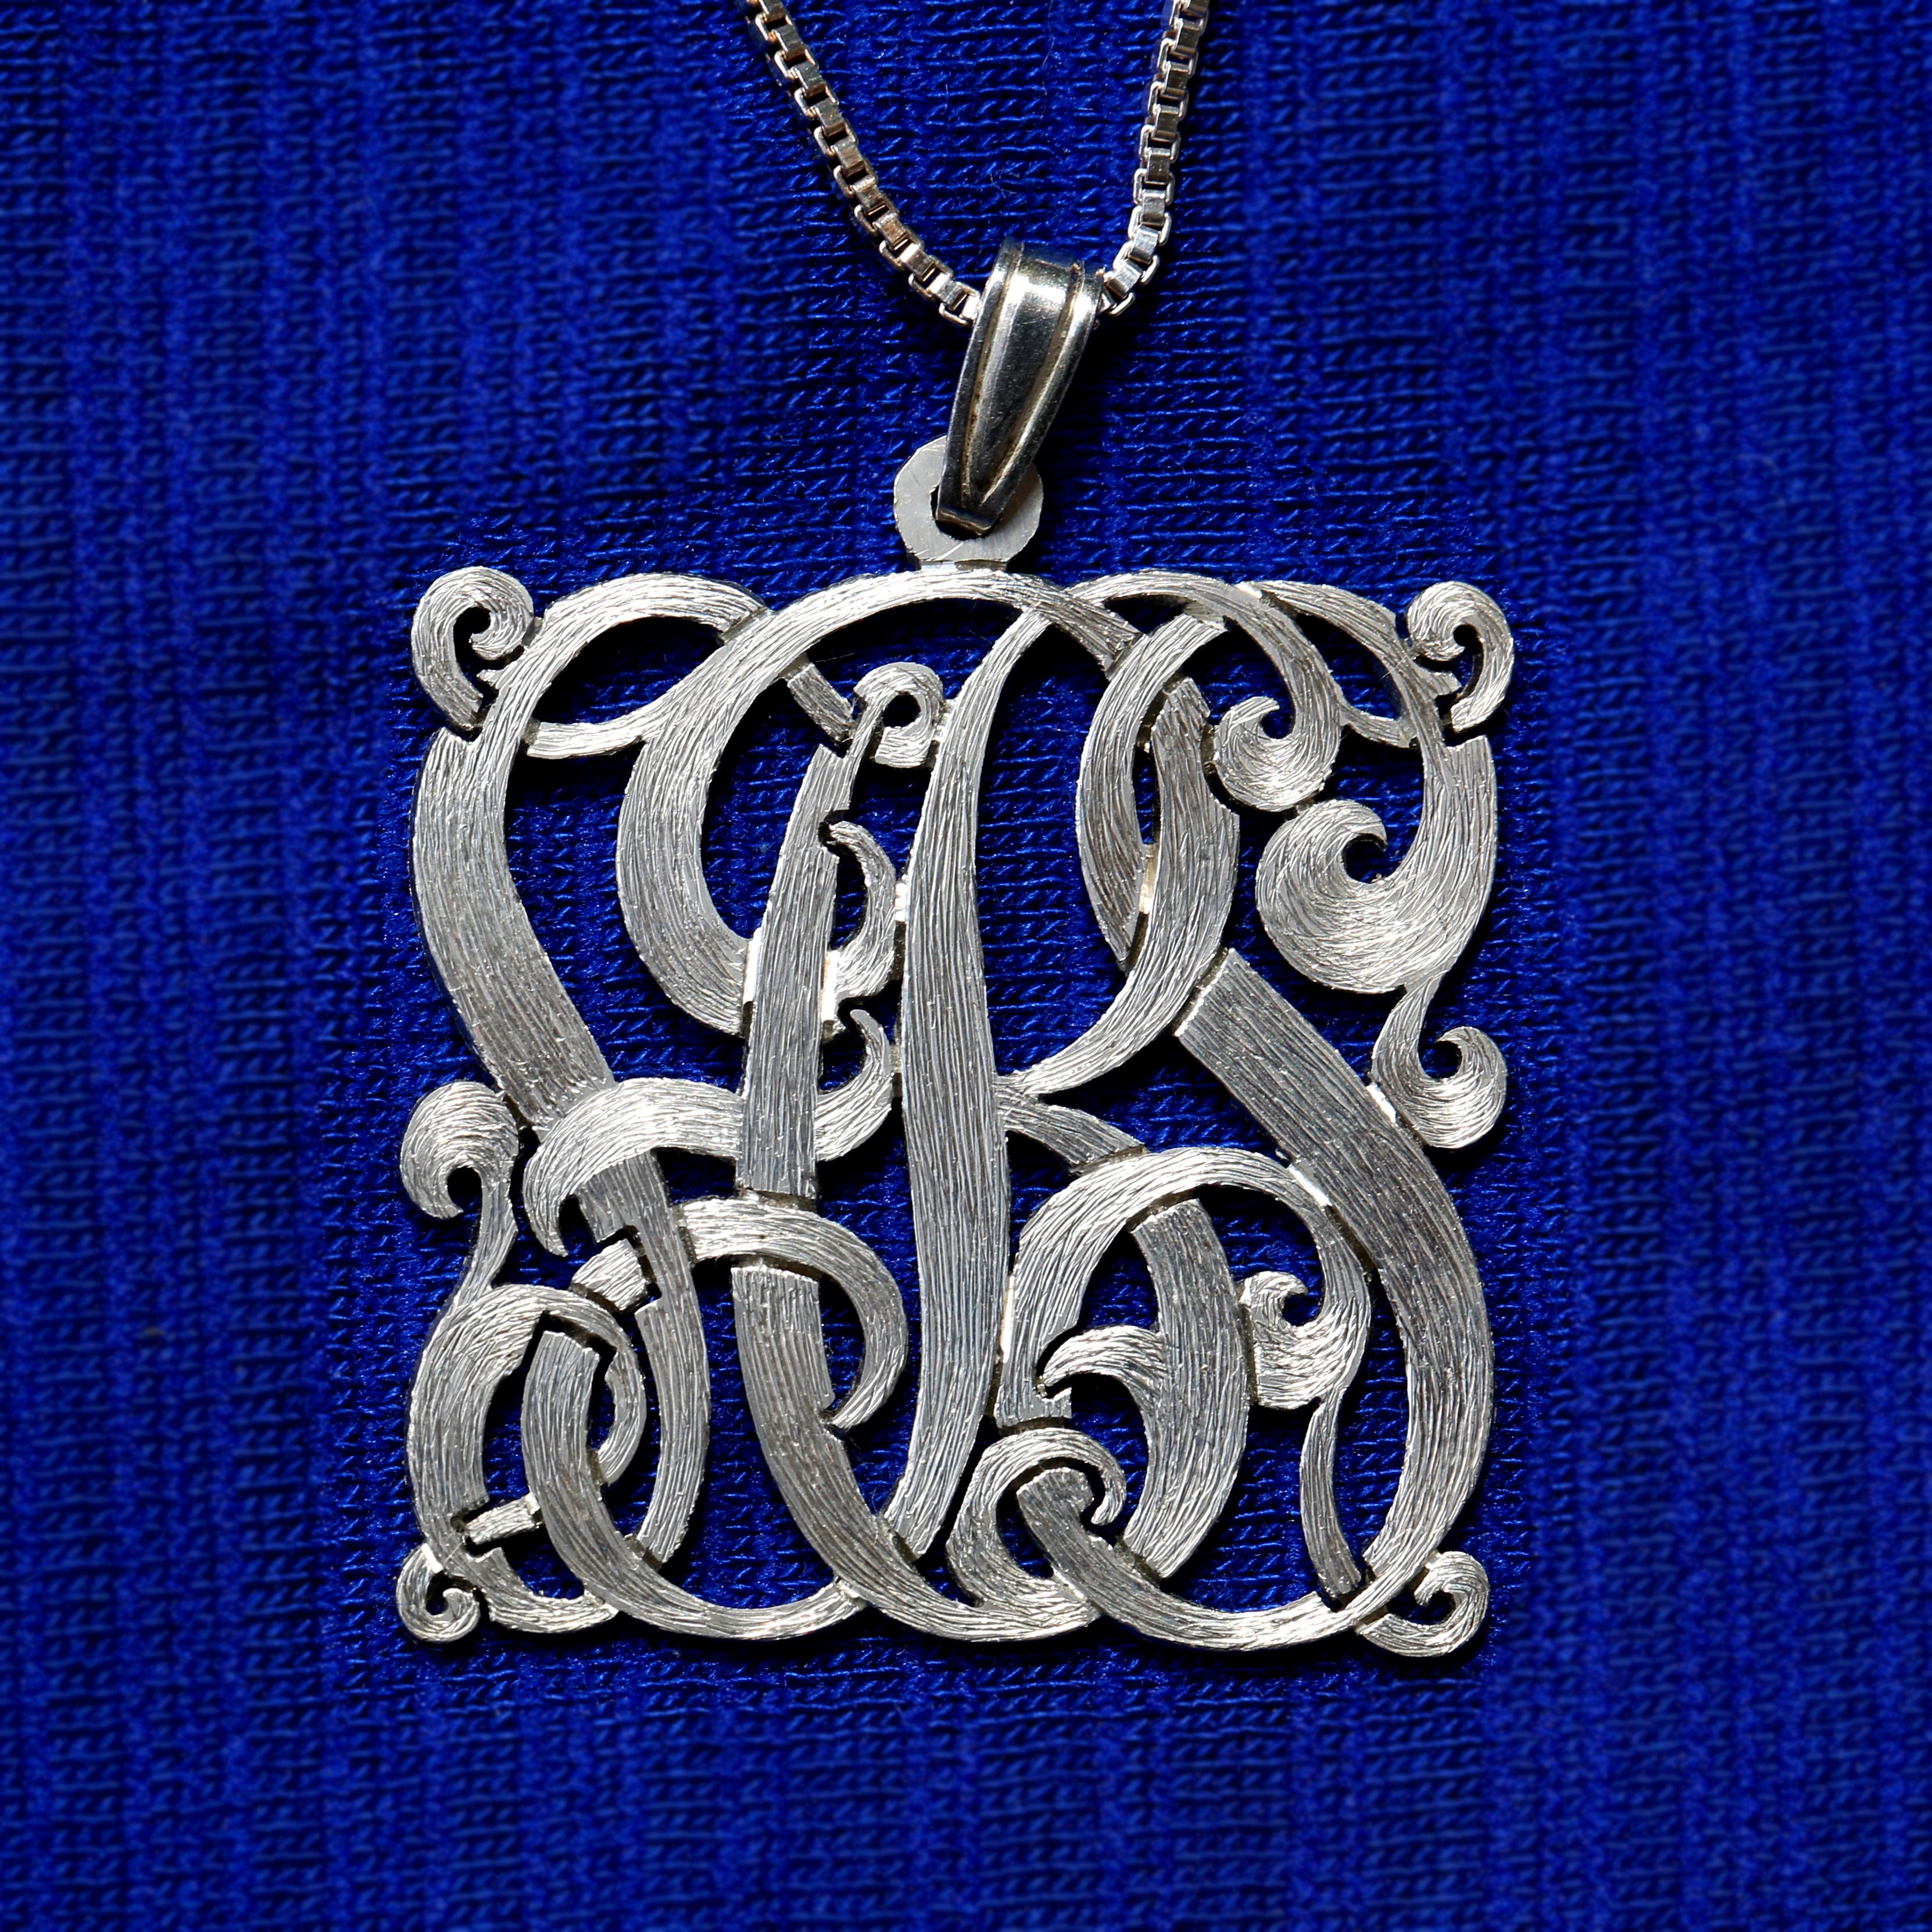 Square silver monogram